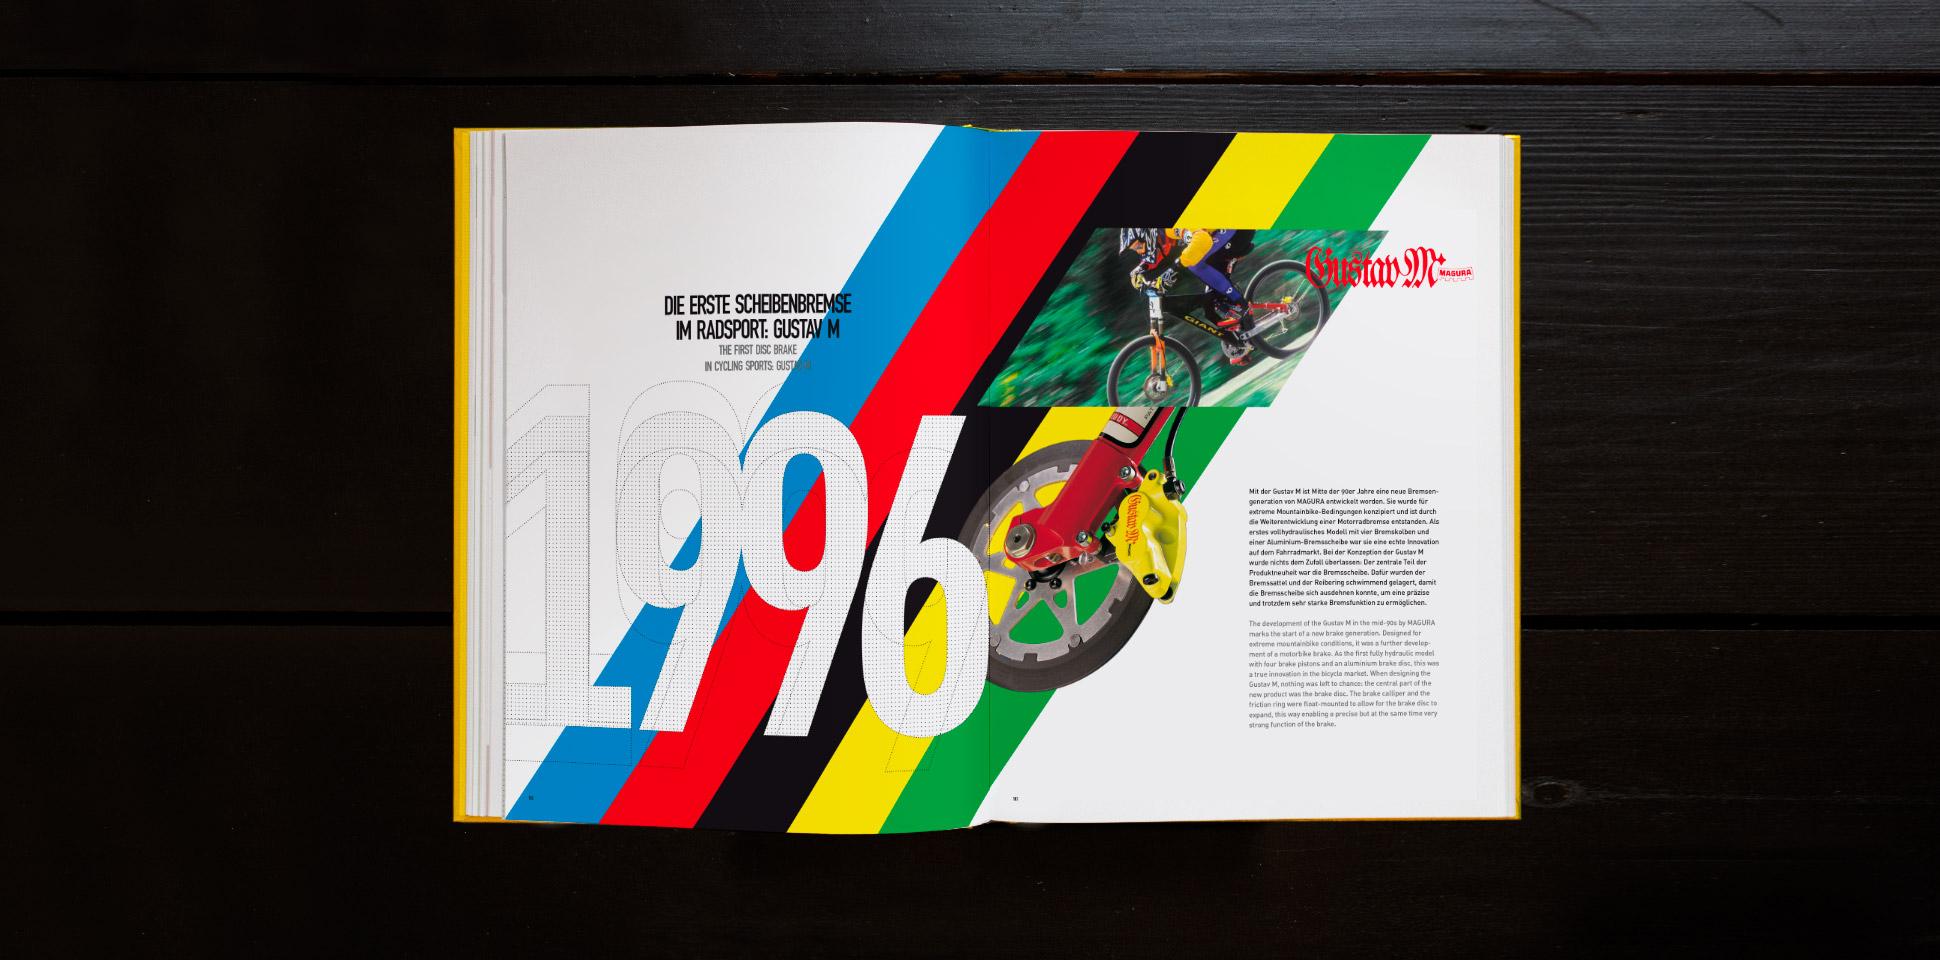 magura jubilaeum-buch doppelseite 1996 polarwerk